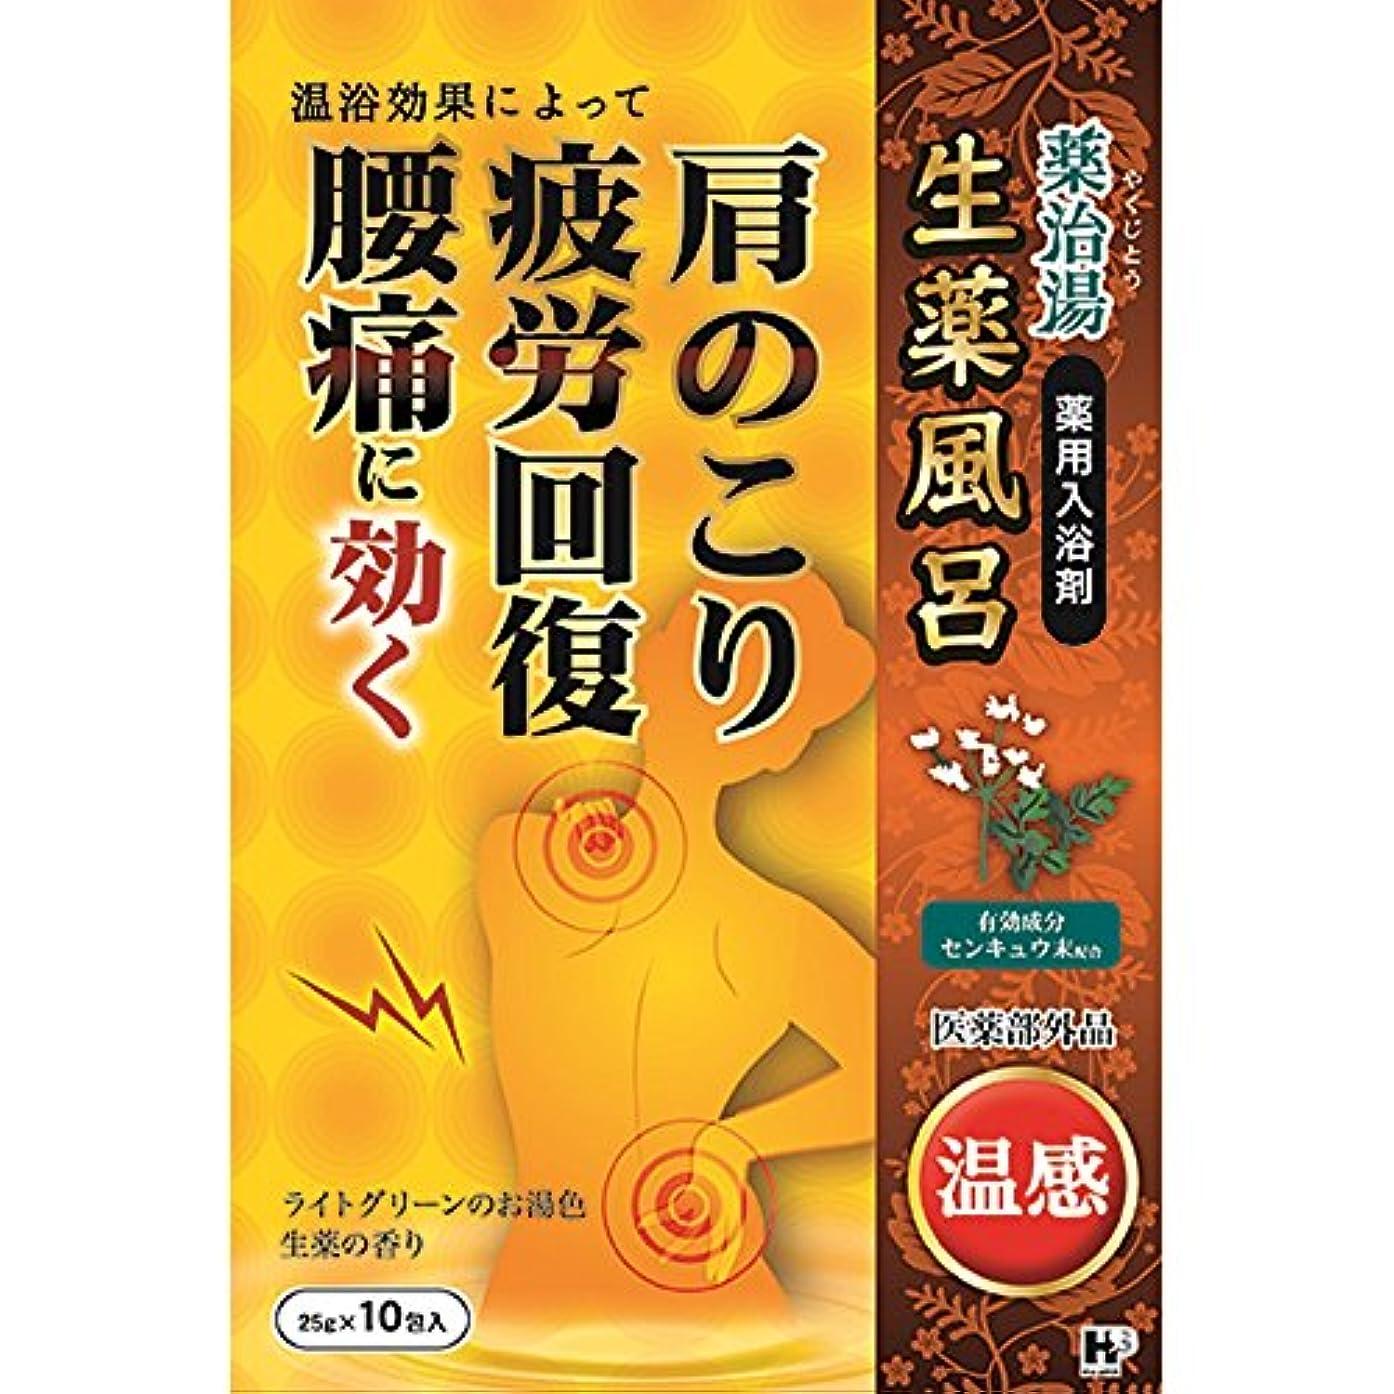 パワーセル硫黄を通して薬治湯 温感 25g×10包